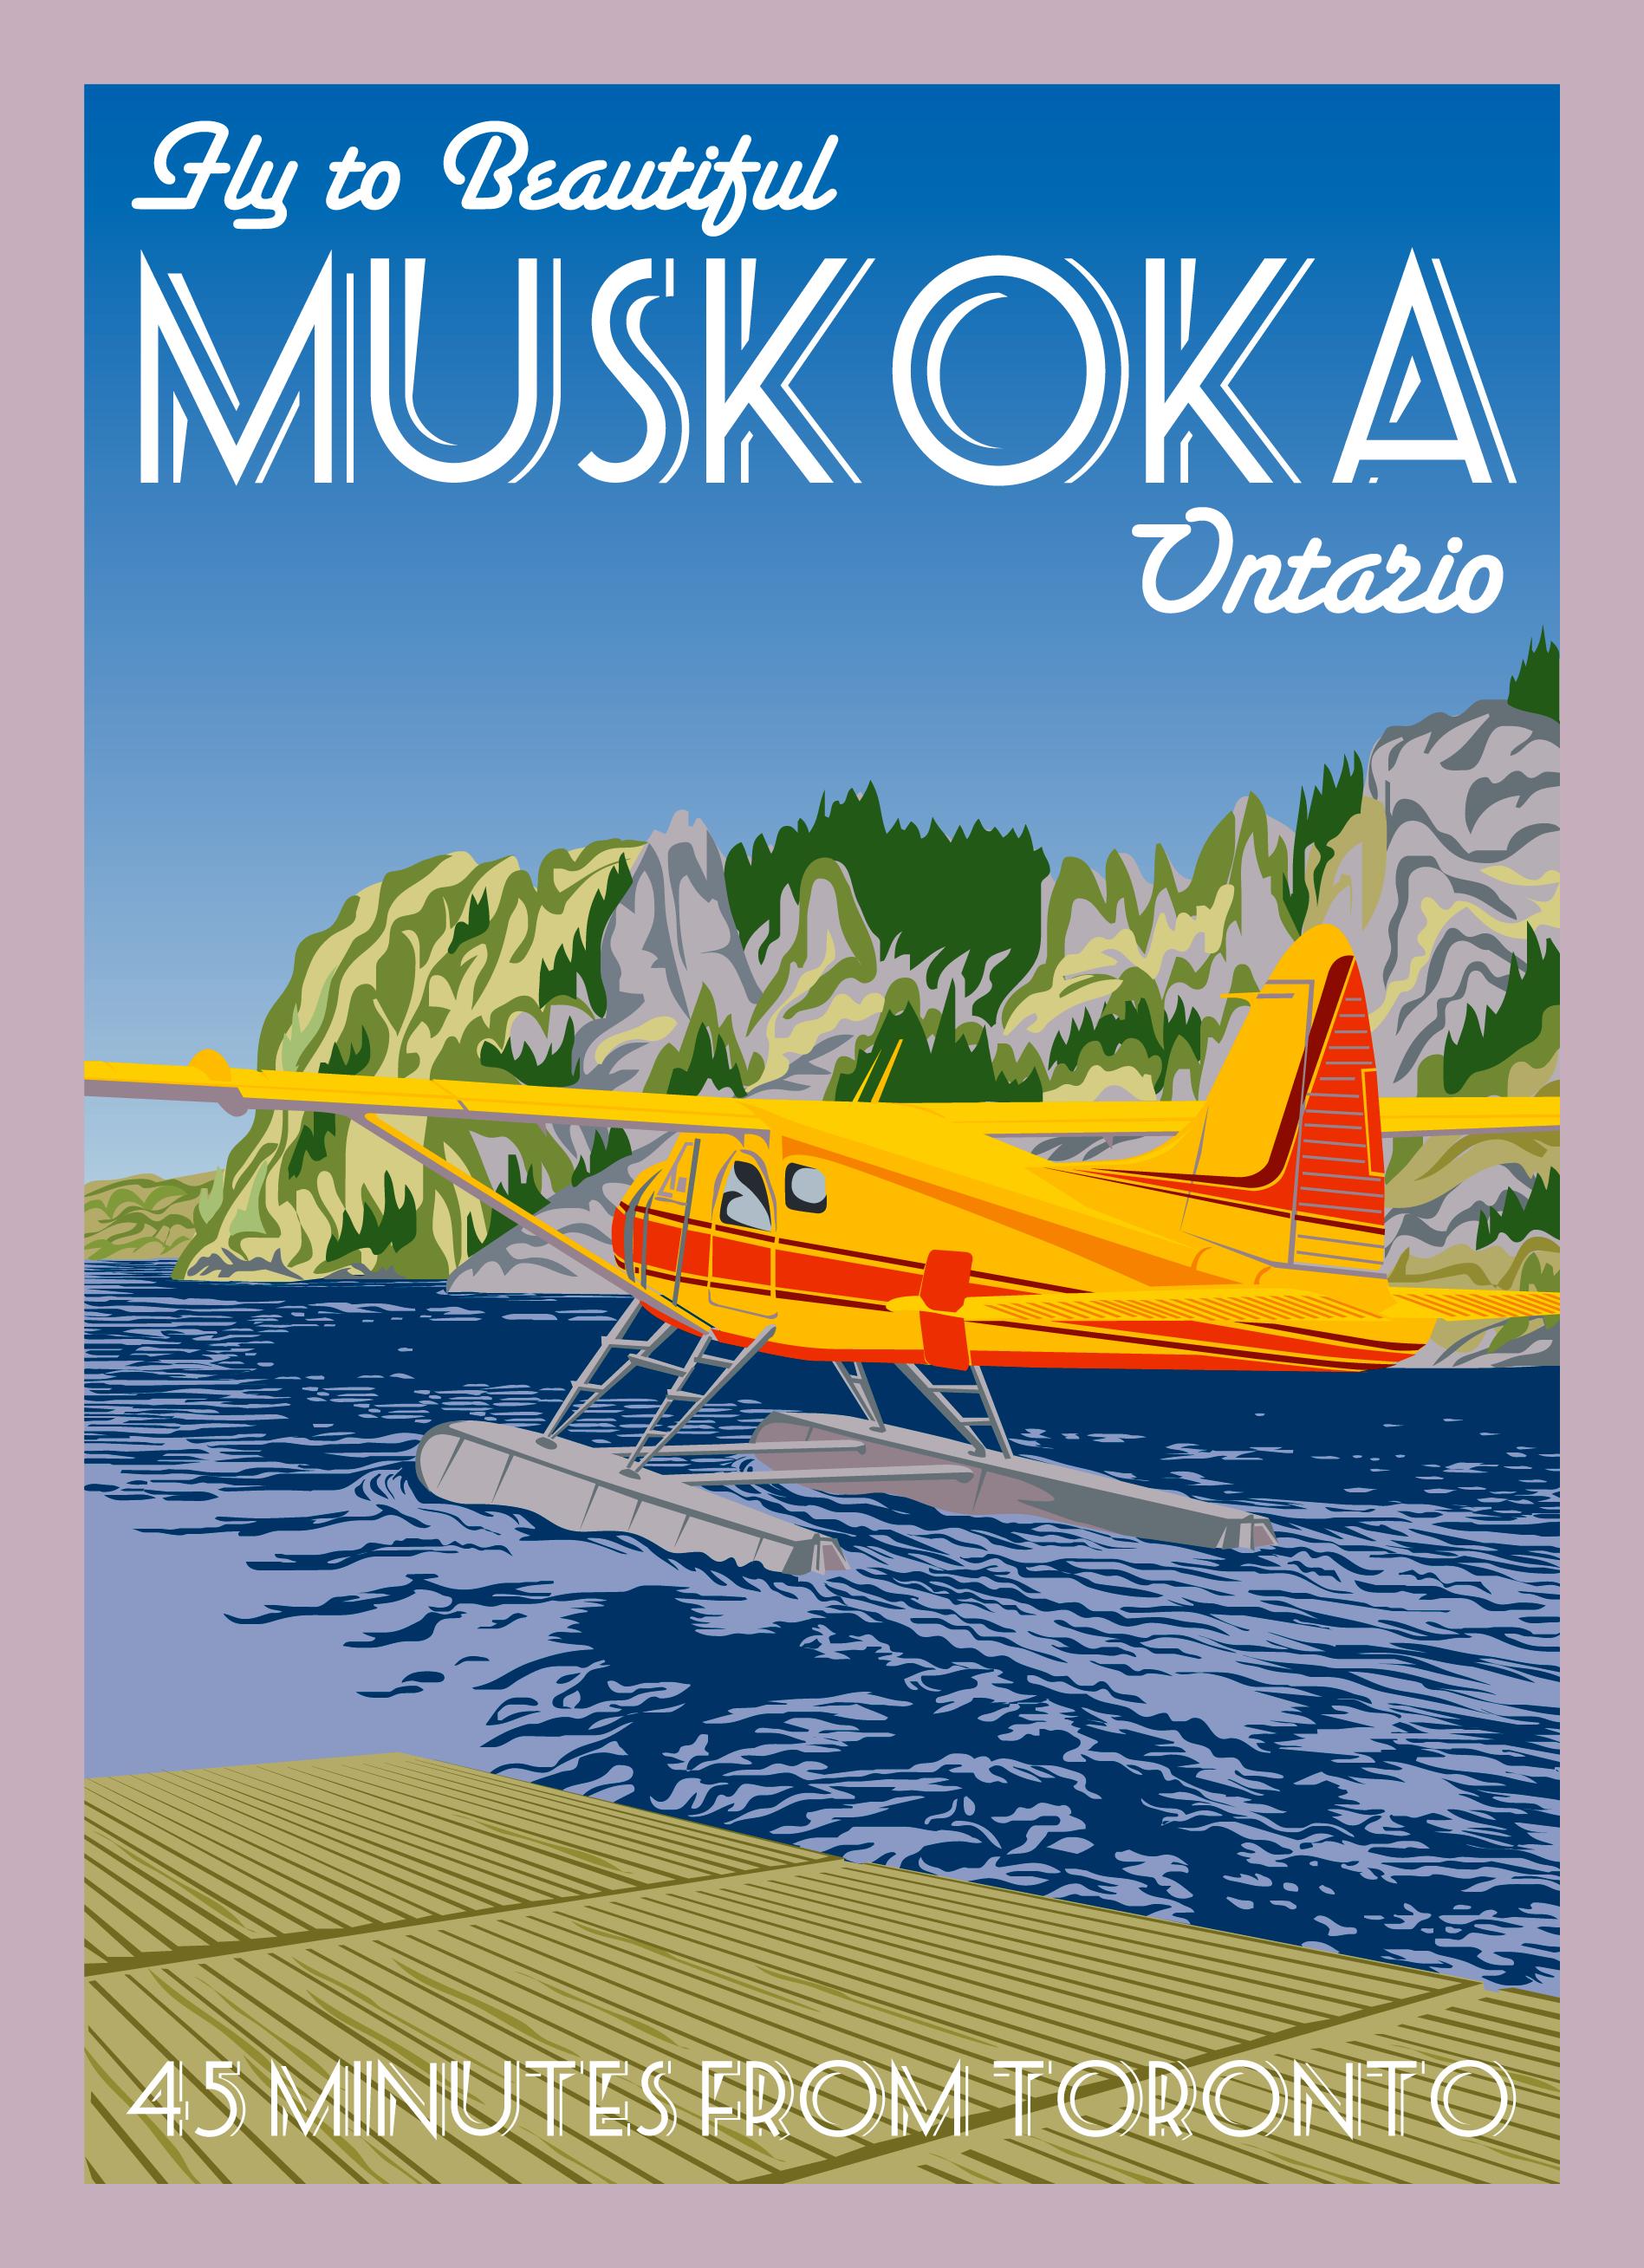 Muskoka-Floatplane.png